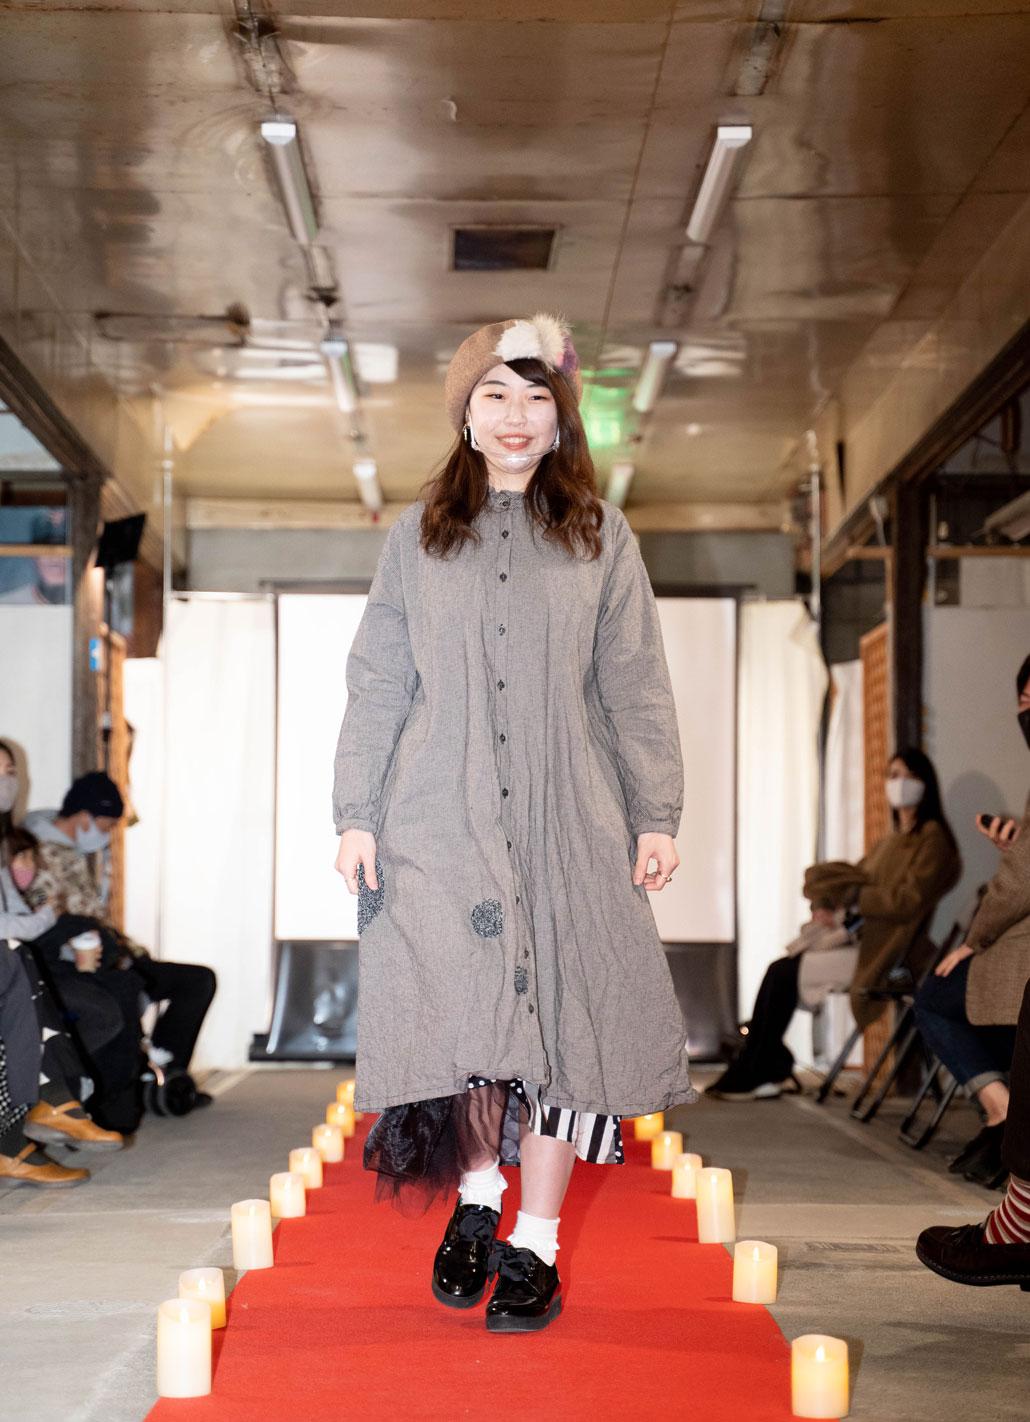 「ねこのしっぽのオンリーワンアイテム LIVE」女性モデルの画像2